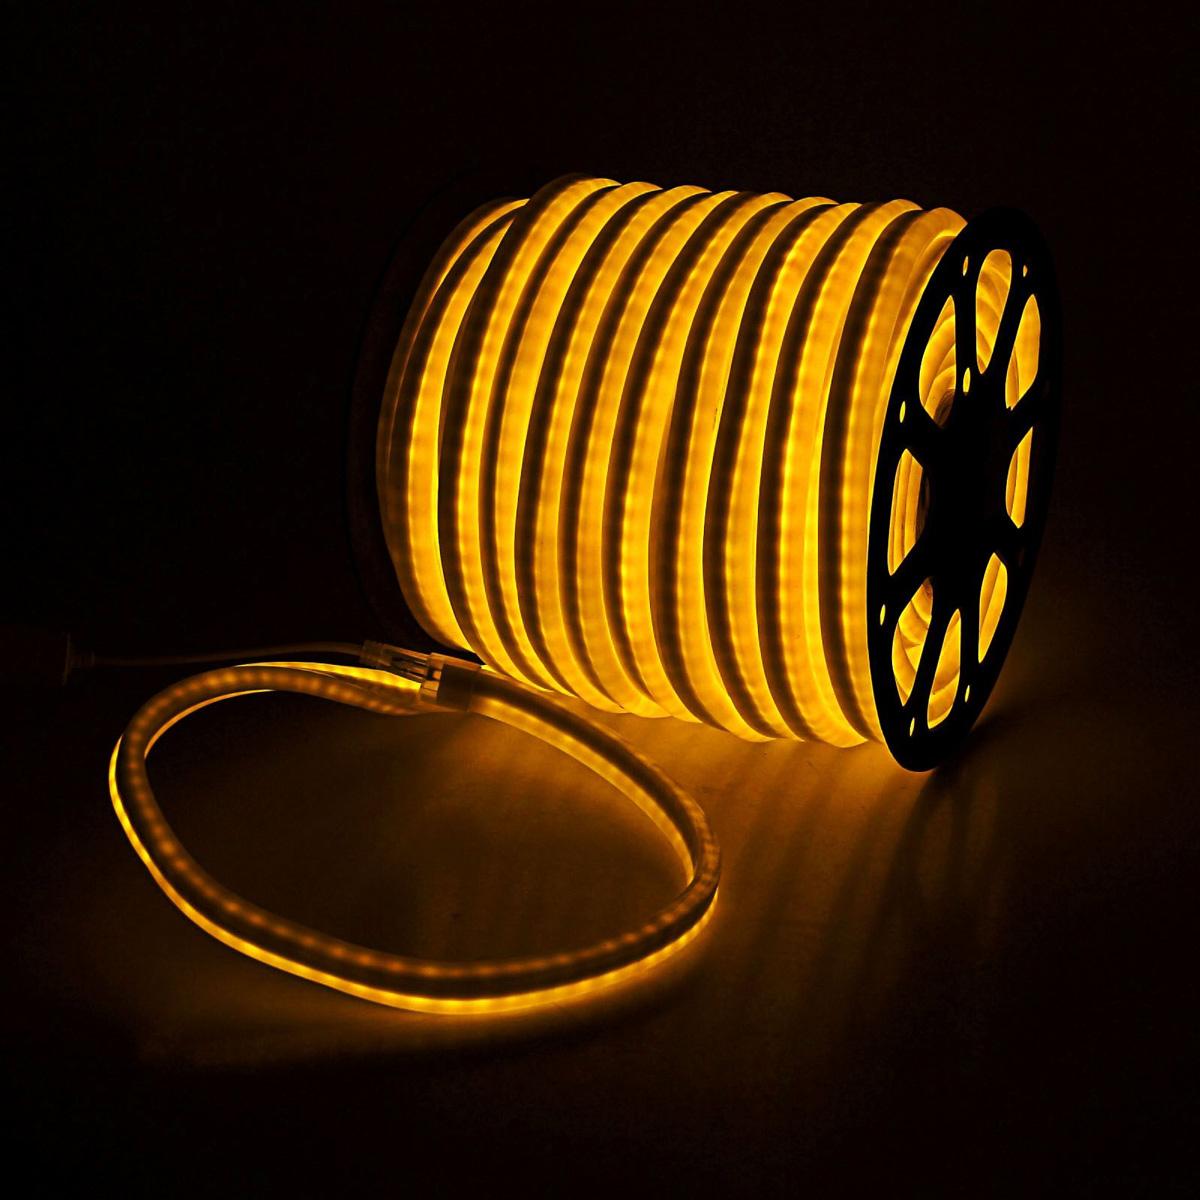 Гирлянда светодиодная Sima-land, 80 ламп, 220 V, цвет: желтый, 1,2 см х 2,4 см х 50 м. 185465185465Светодиодные гирлянды, ленты и т.д — это отличный вариант для новогоднего оформления интерьера или фасада. С их помощью помещение любого размера можно превратить в праздничный зал, а внешние элементы зданий, украшенные ими, мгновенно станут напоминать очертания сказочного дворца. Такие украшения создают ауру предвкушения чуда. Деревья, фасады, витрины, окна и арки будто специально созданы, чтобы вы украсили их светящимися нитями.